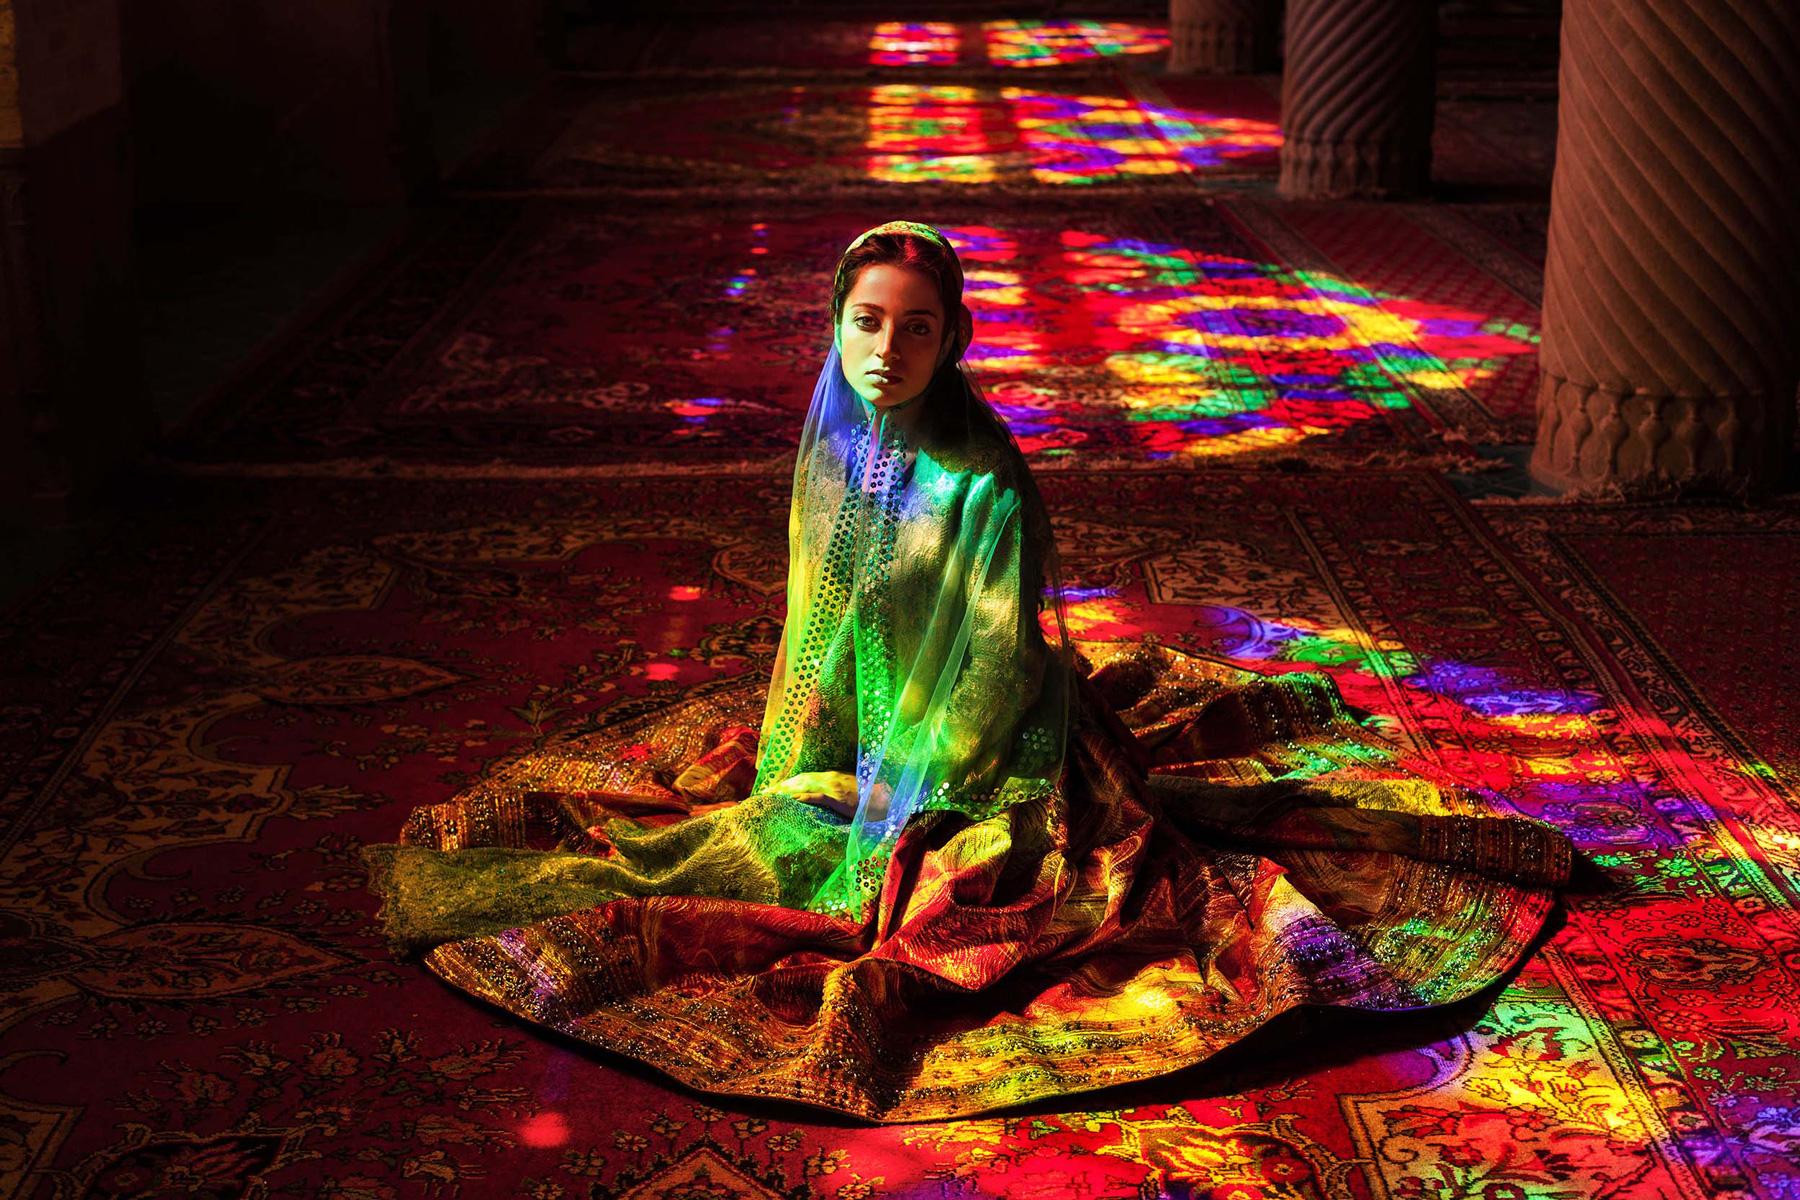 Mihaela-Noroc-Atlas-of-Beauty-Nasir-al-Mulk-Iran